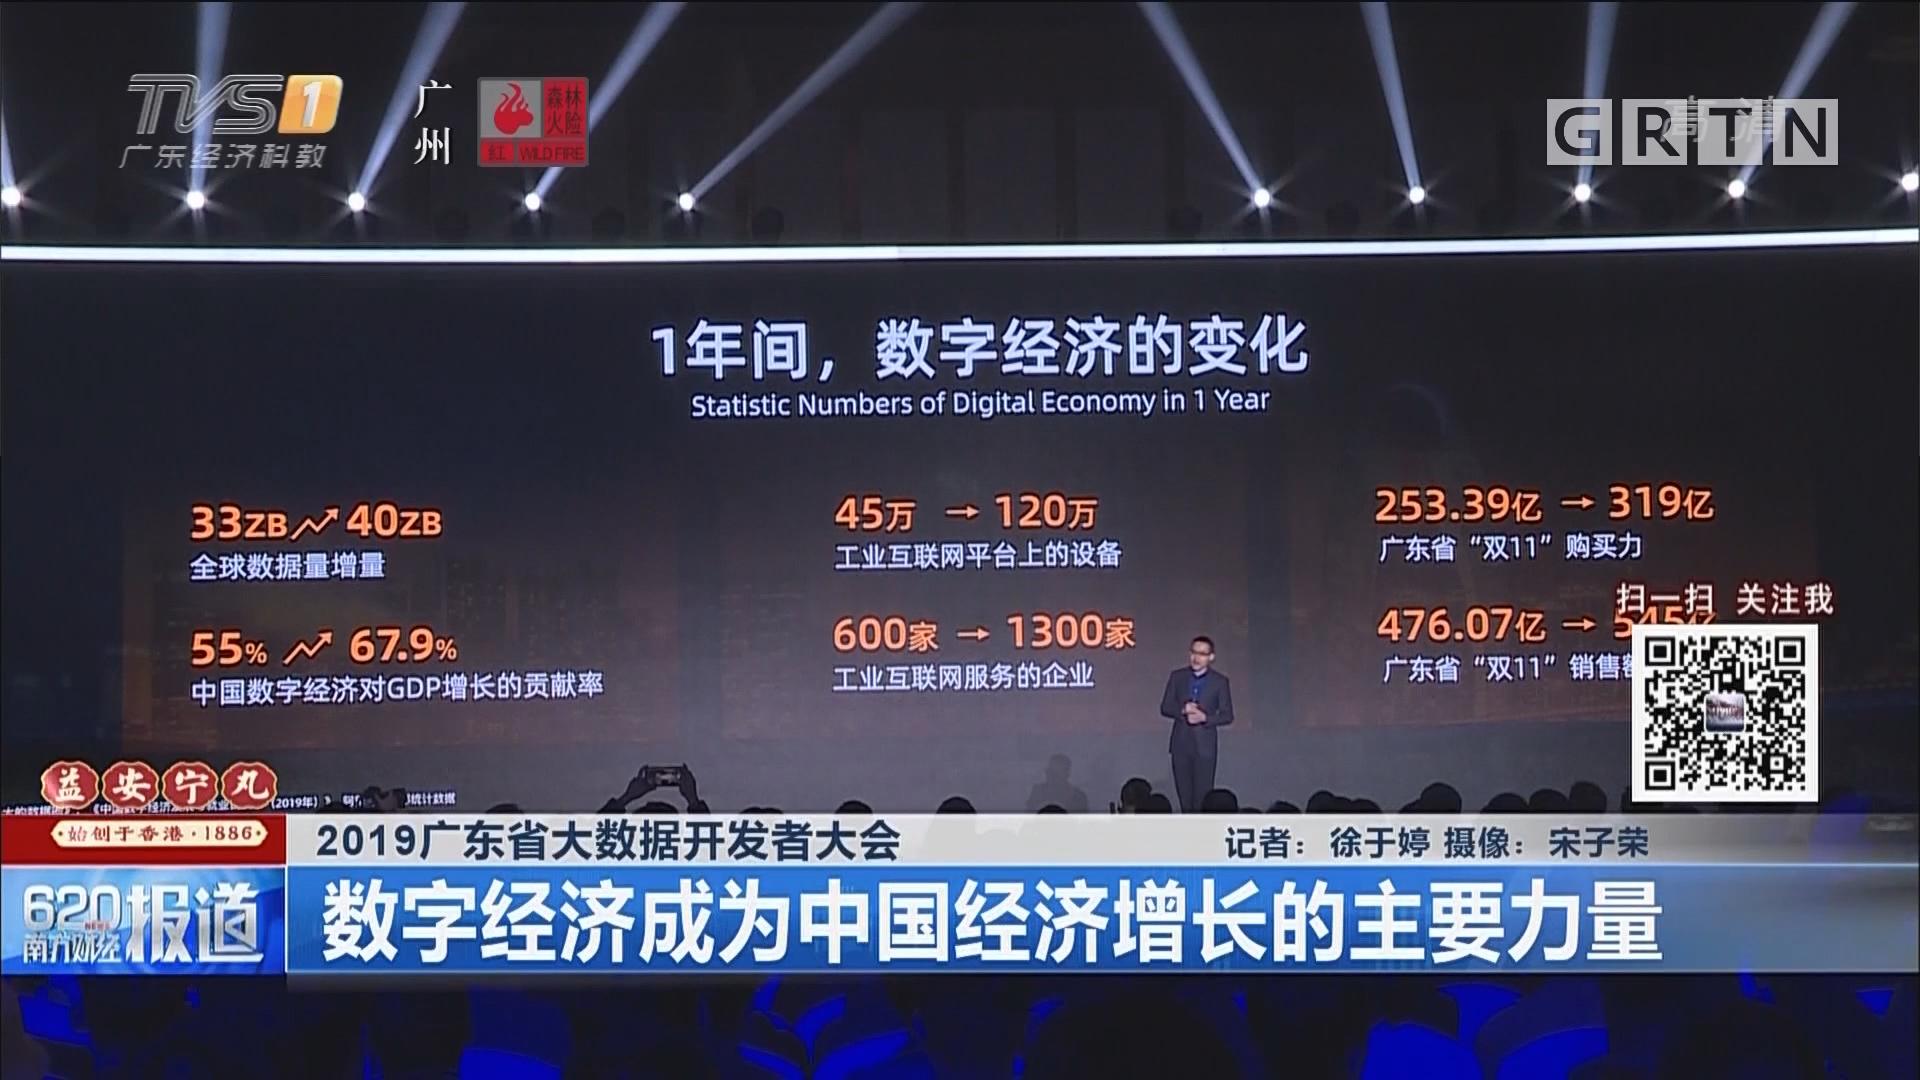 2019广东省大数据开发者大会:数字经济成为中国经济增长的主要力量